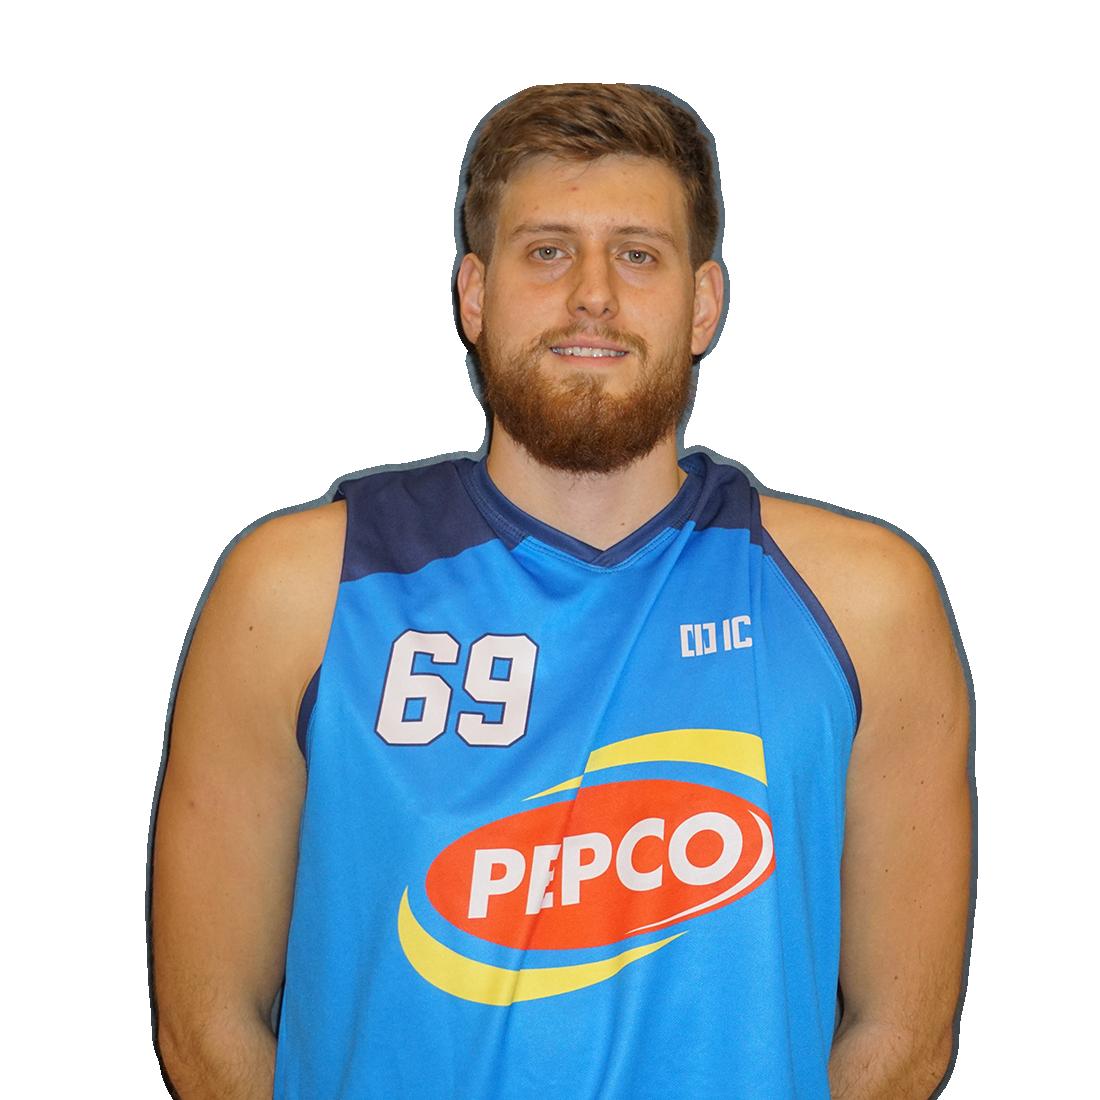 Daniel Ciejka